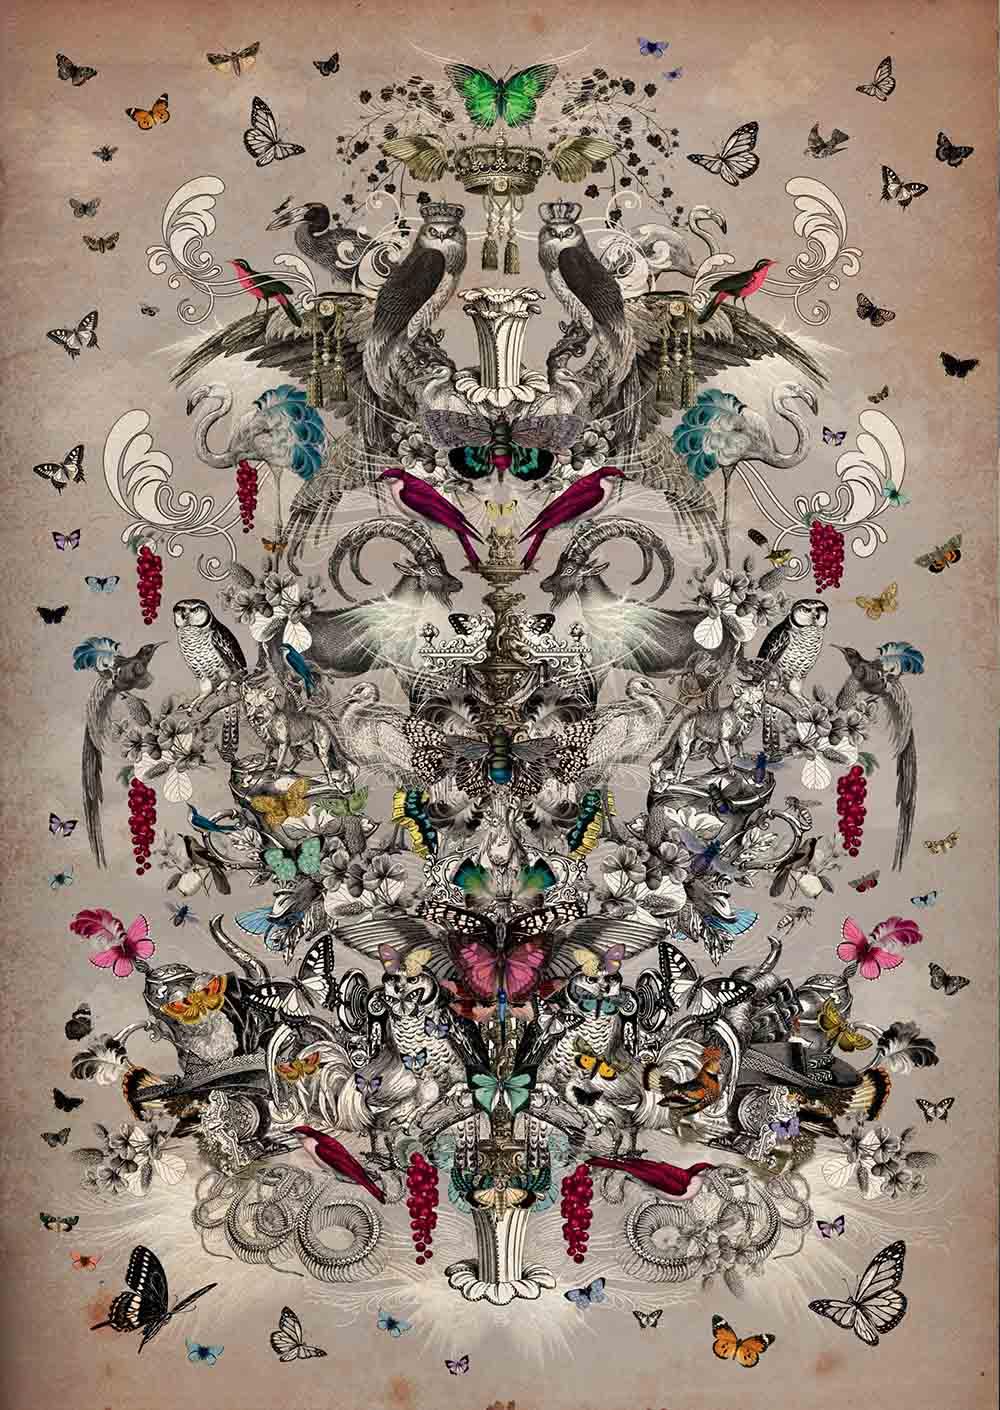 Monarch's Banquet by Joseph Alexander Goode